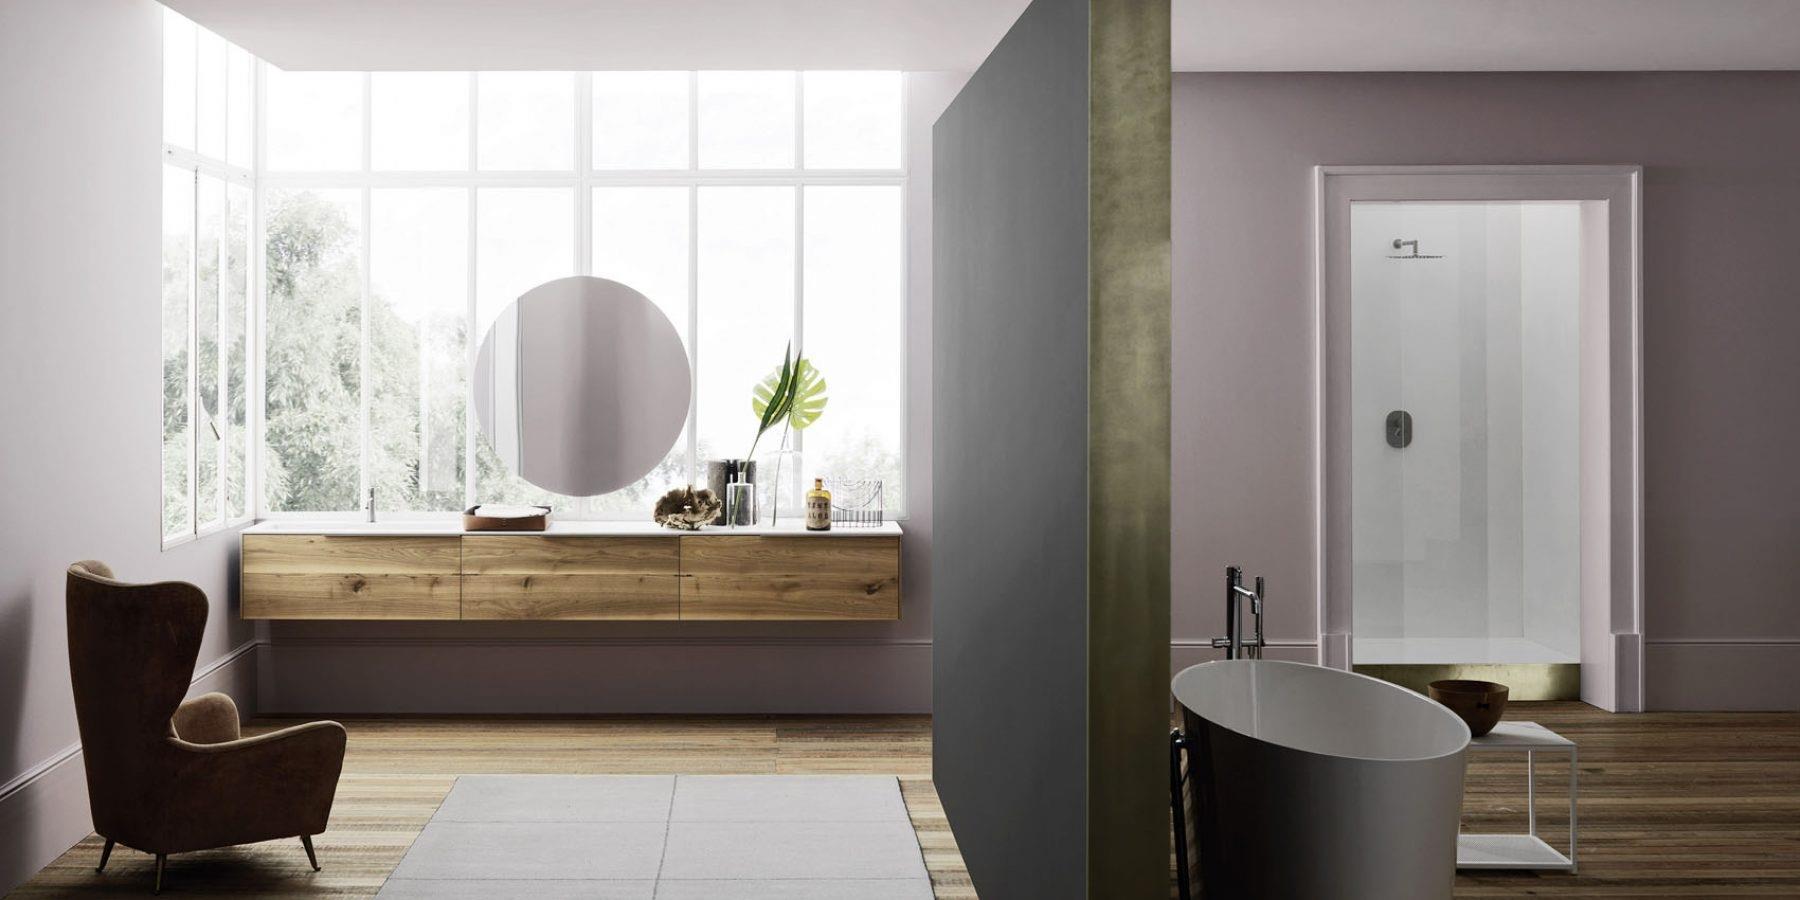 Sanitari arredo bagno alto adige sky mobile da bagno - Arredo bagno arbi ...